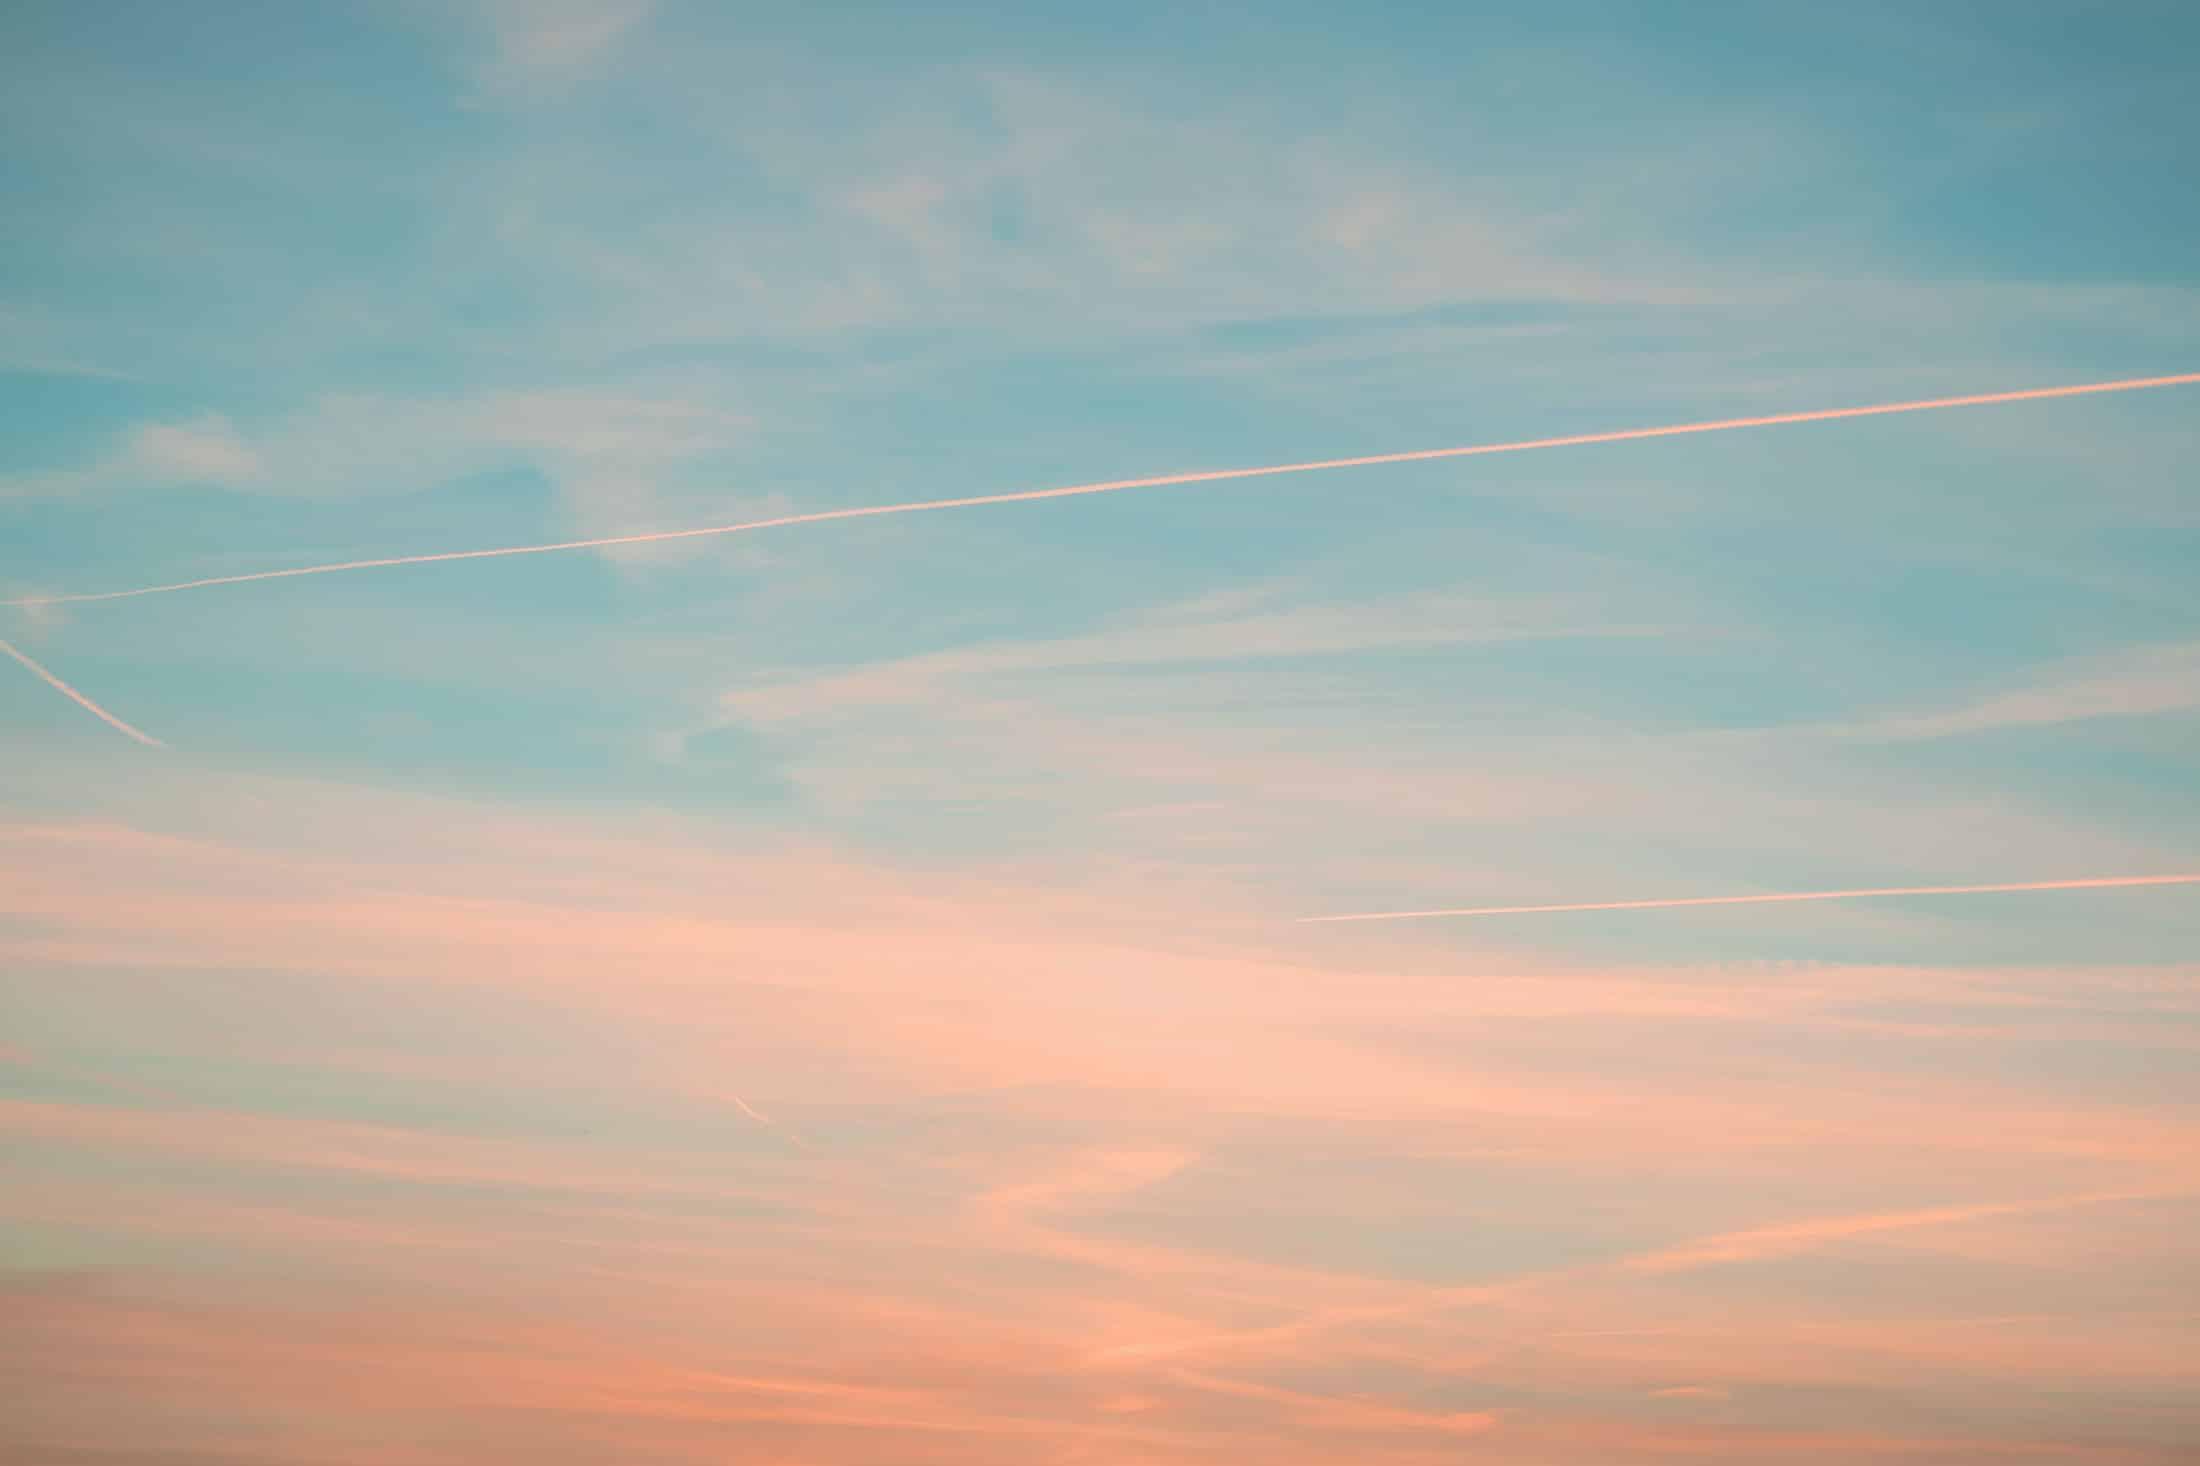 Himmel in Farben des Sonnenuntergangs mit Flugzeugstreifen